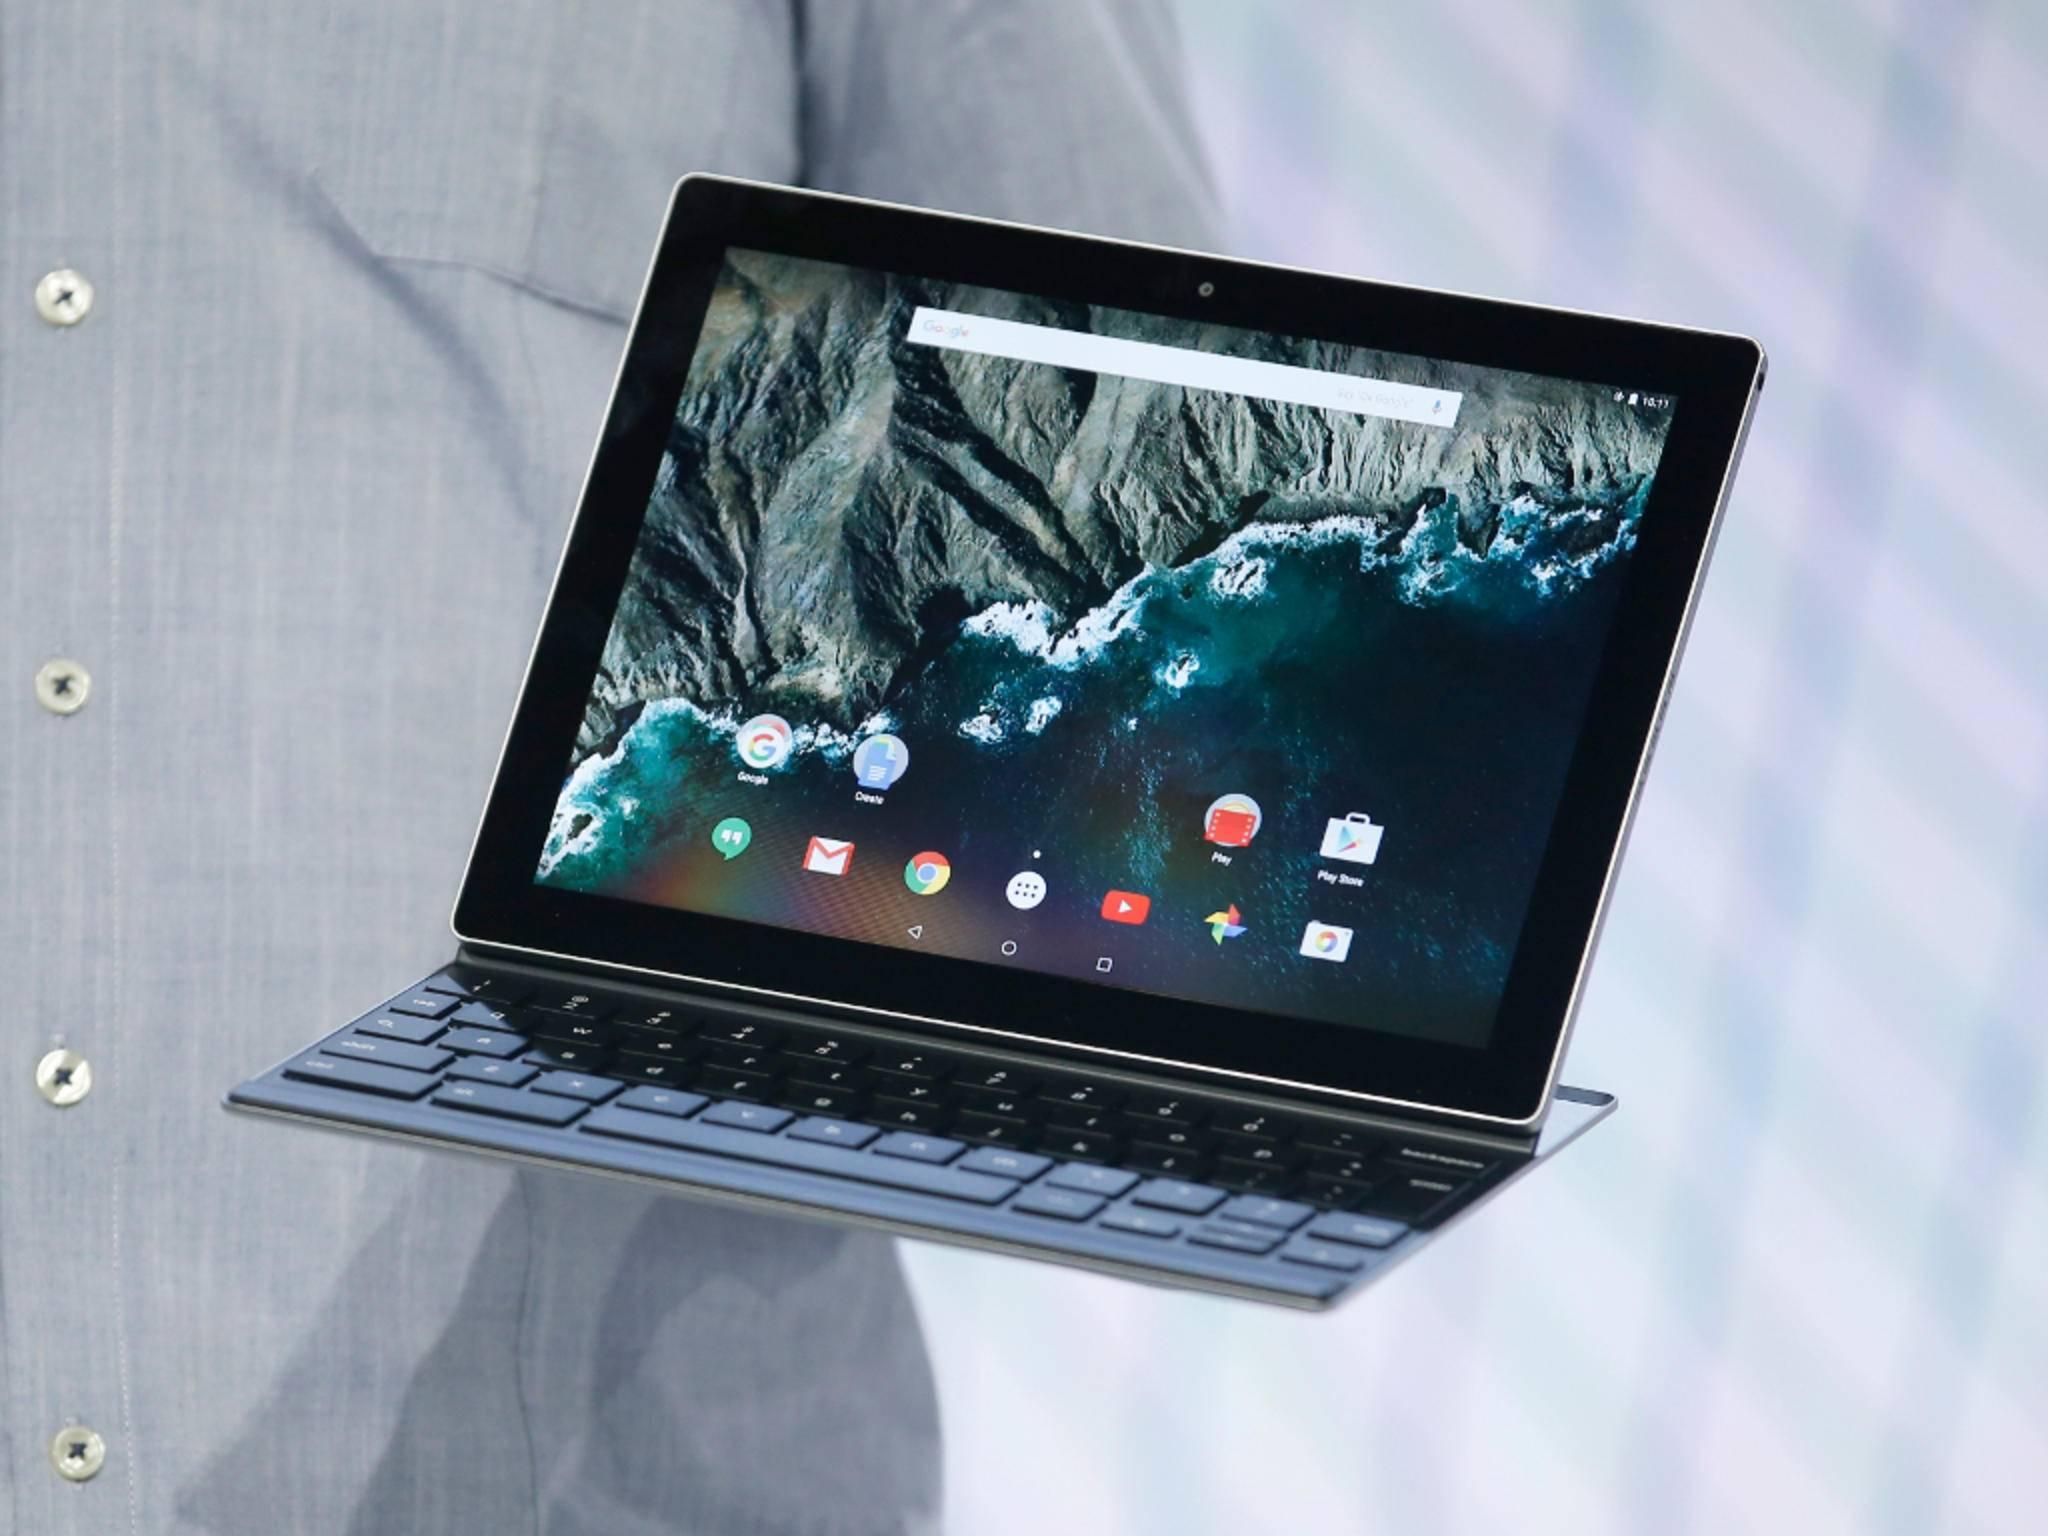 Das Google Pixel C ist ein Convertible mit Android 6.